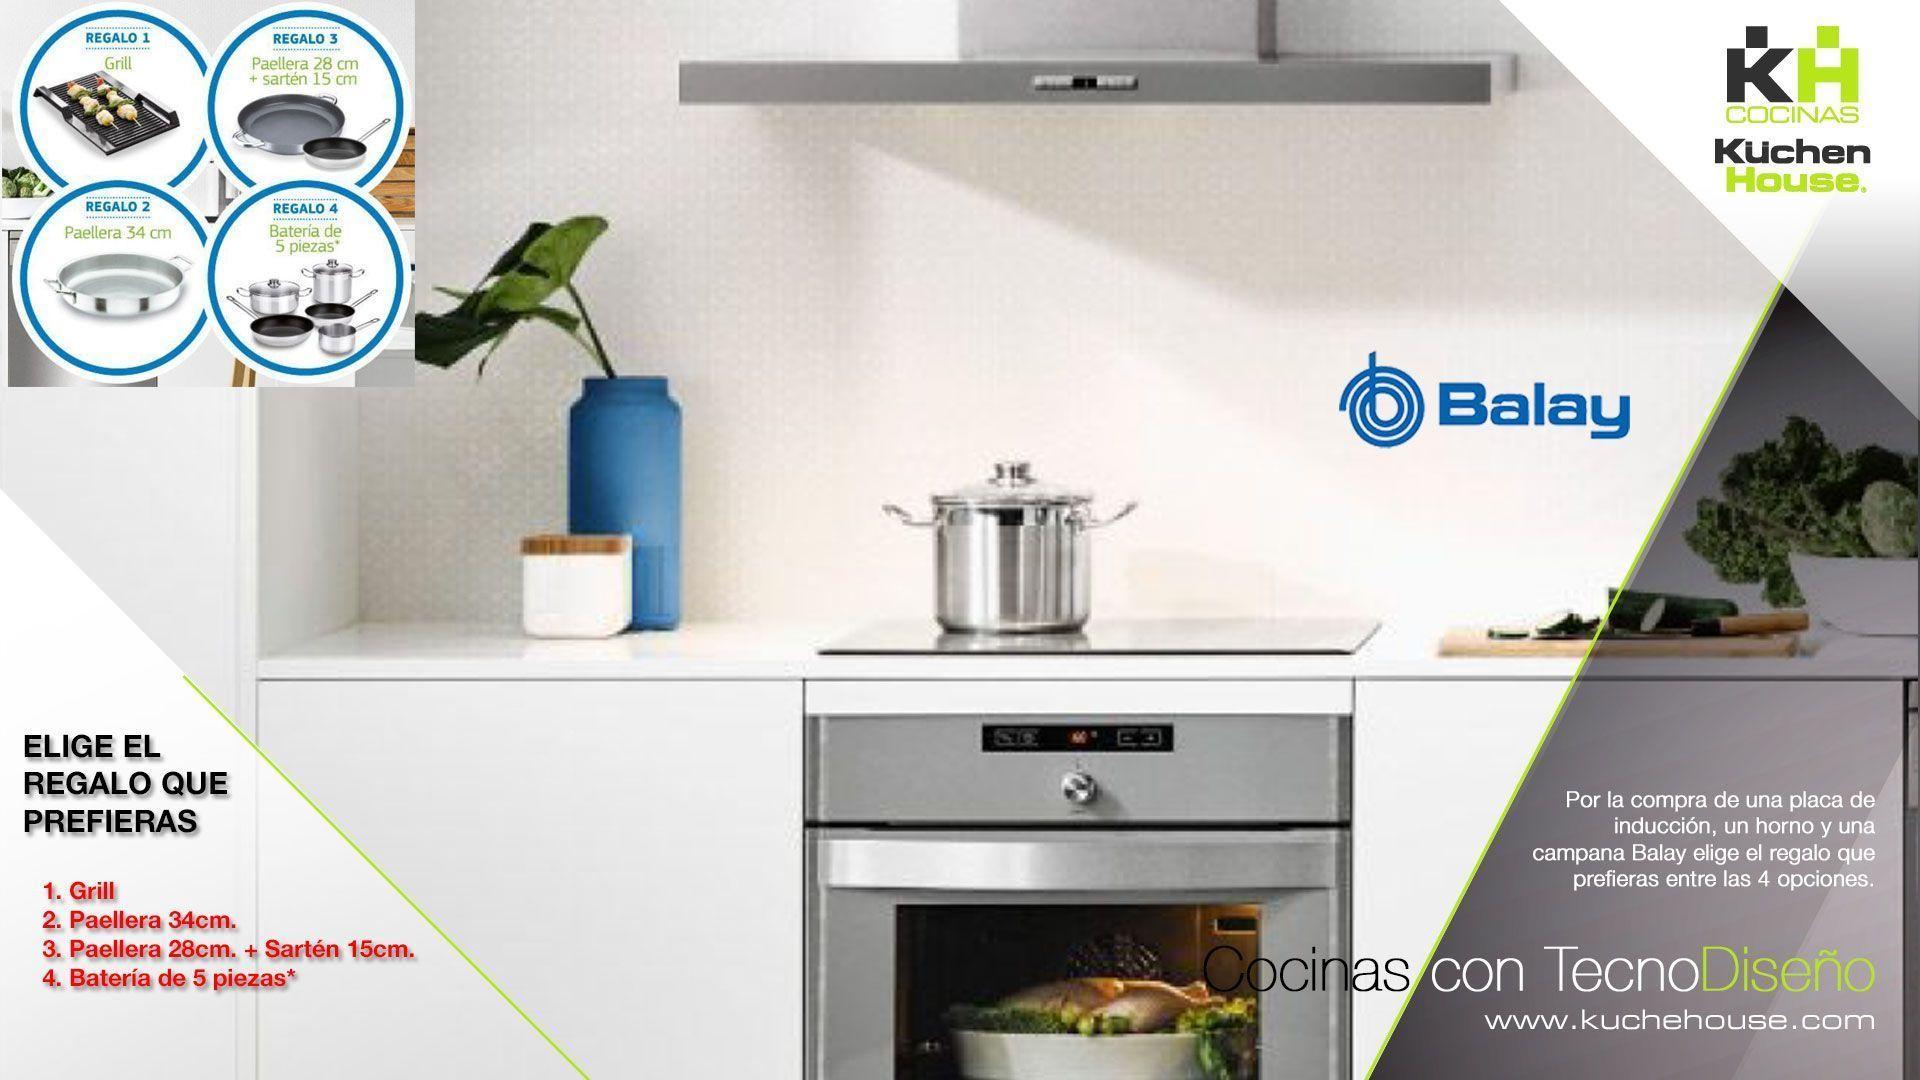 Elige tu regalo con nuestros electrodomésticos Balay - KuchenHouse - Reformas - Armarios - Hogar